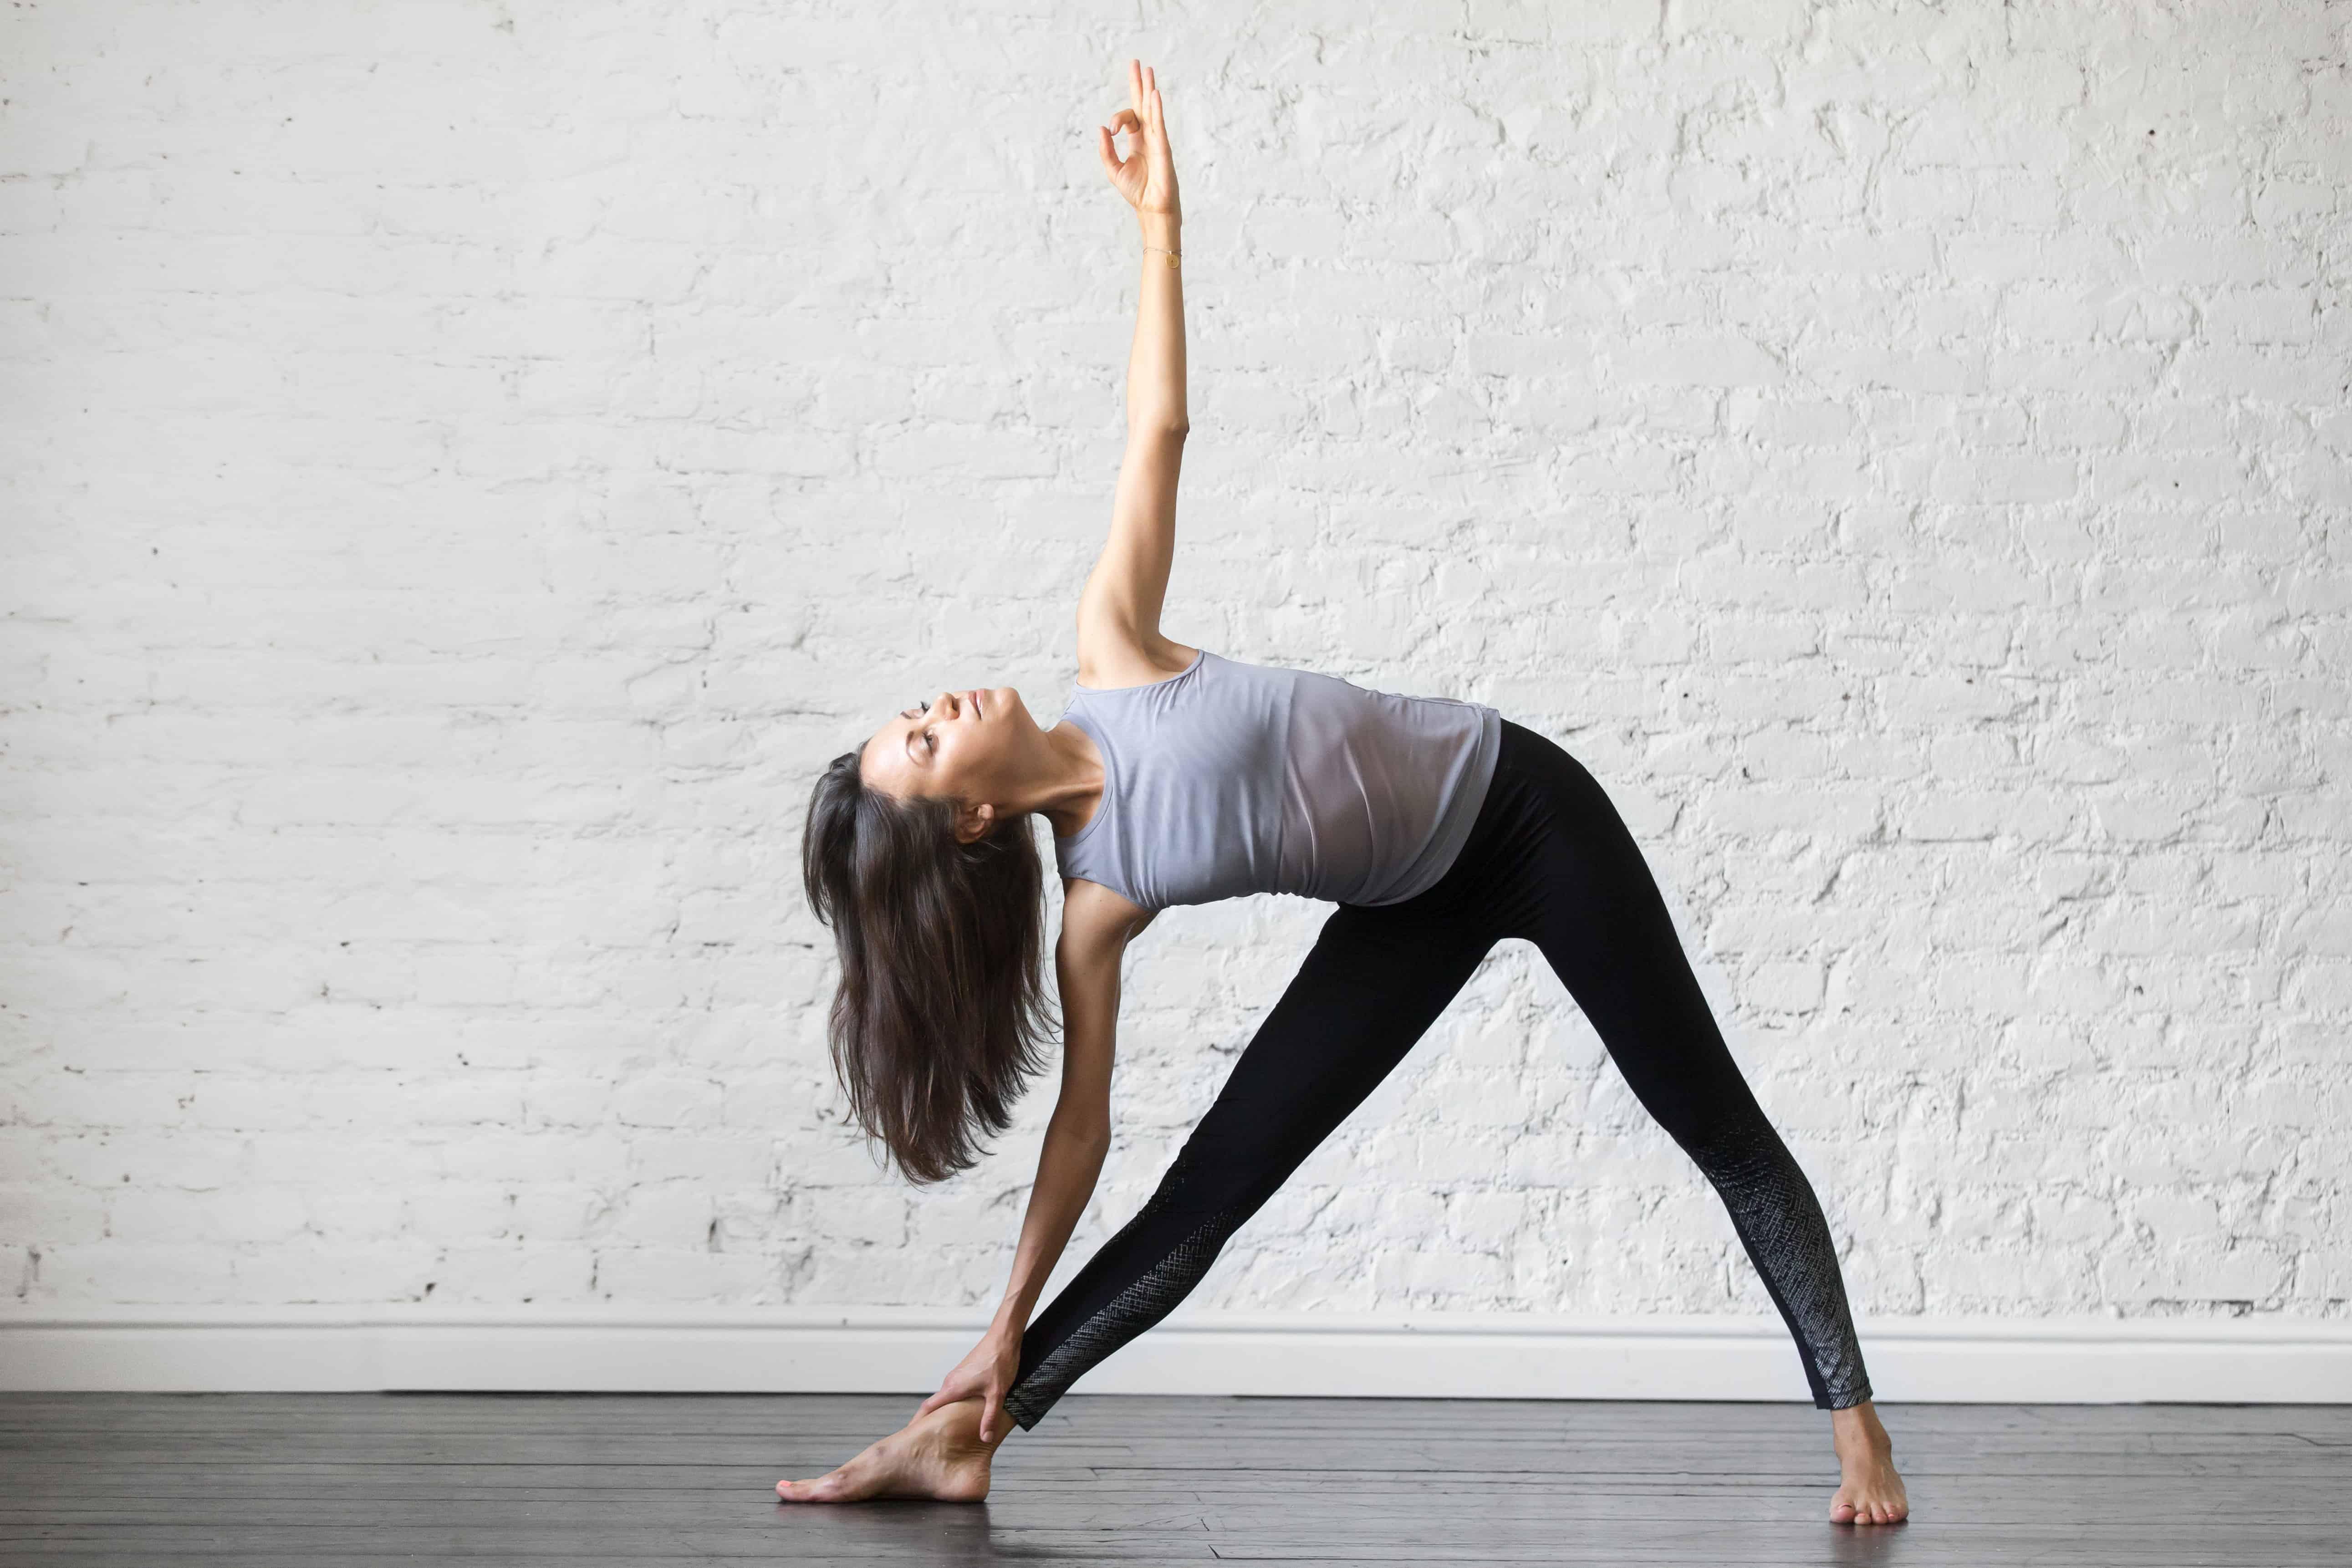 Yogahose Test 2020: Die besten Yogahosen im Vergleich